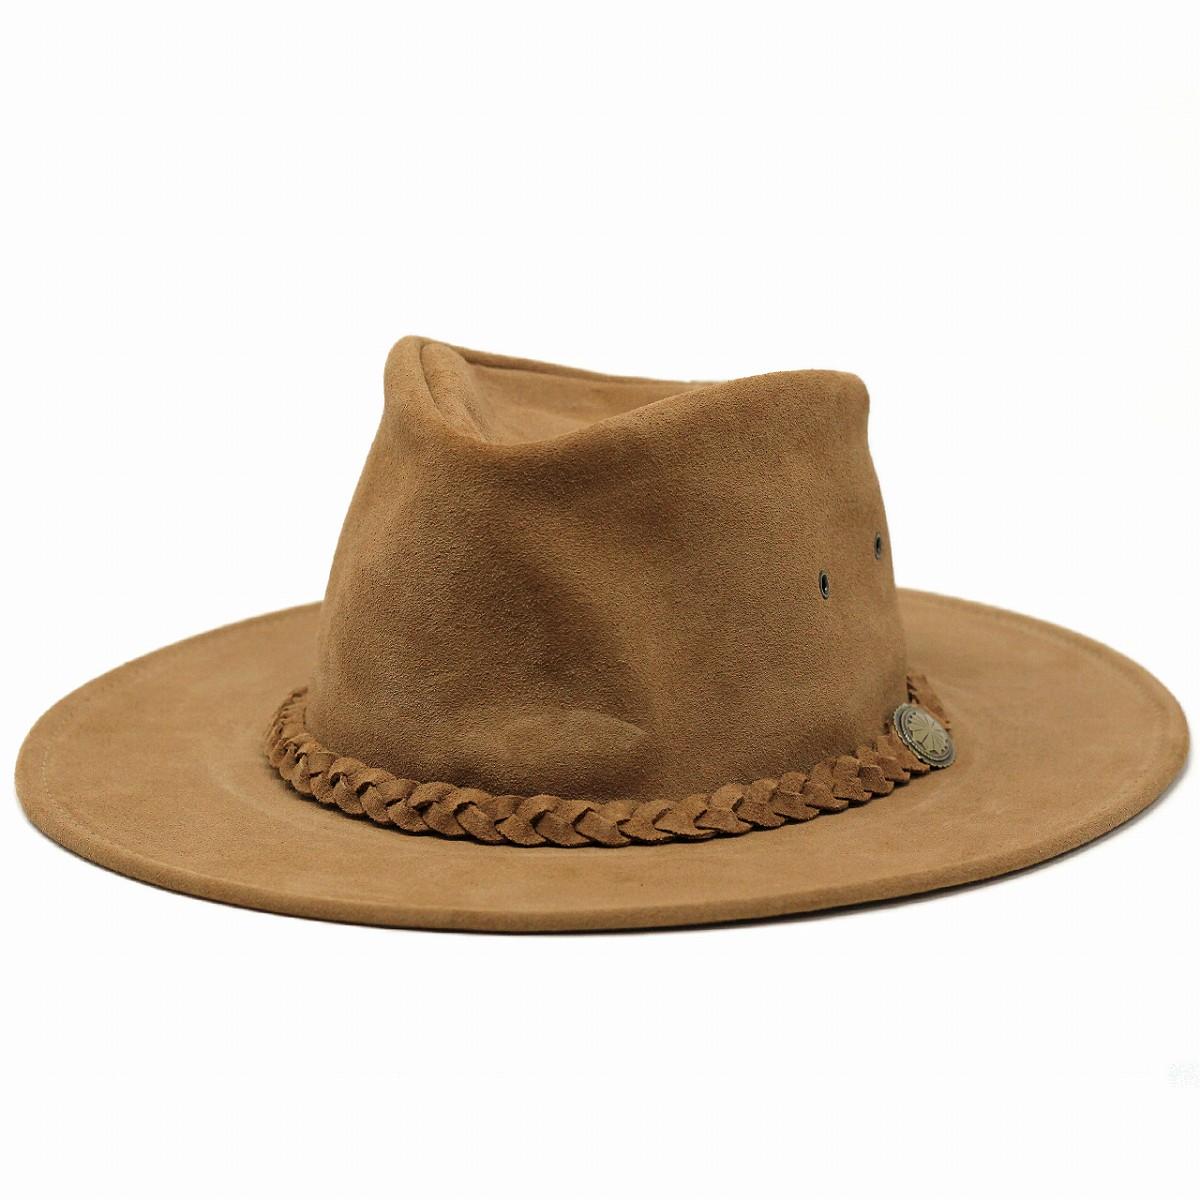 レザーハット 帽子 メンズ ヘンシェル カウボーイ テンガロン ハット スエード テンガロンハット カウボーイ HENSCHEL(秋冬 カウボーイハット ウエスタン ウエスタンハット 折りたたみ帽子 40代 50代 60代 ファッション レザー ウェスタンハット 紳士帽子 メンズハット)